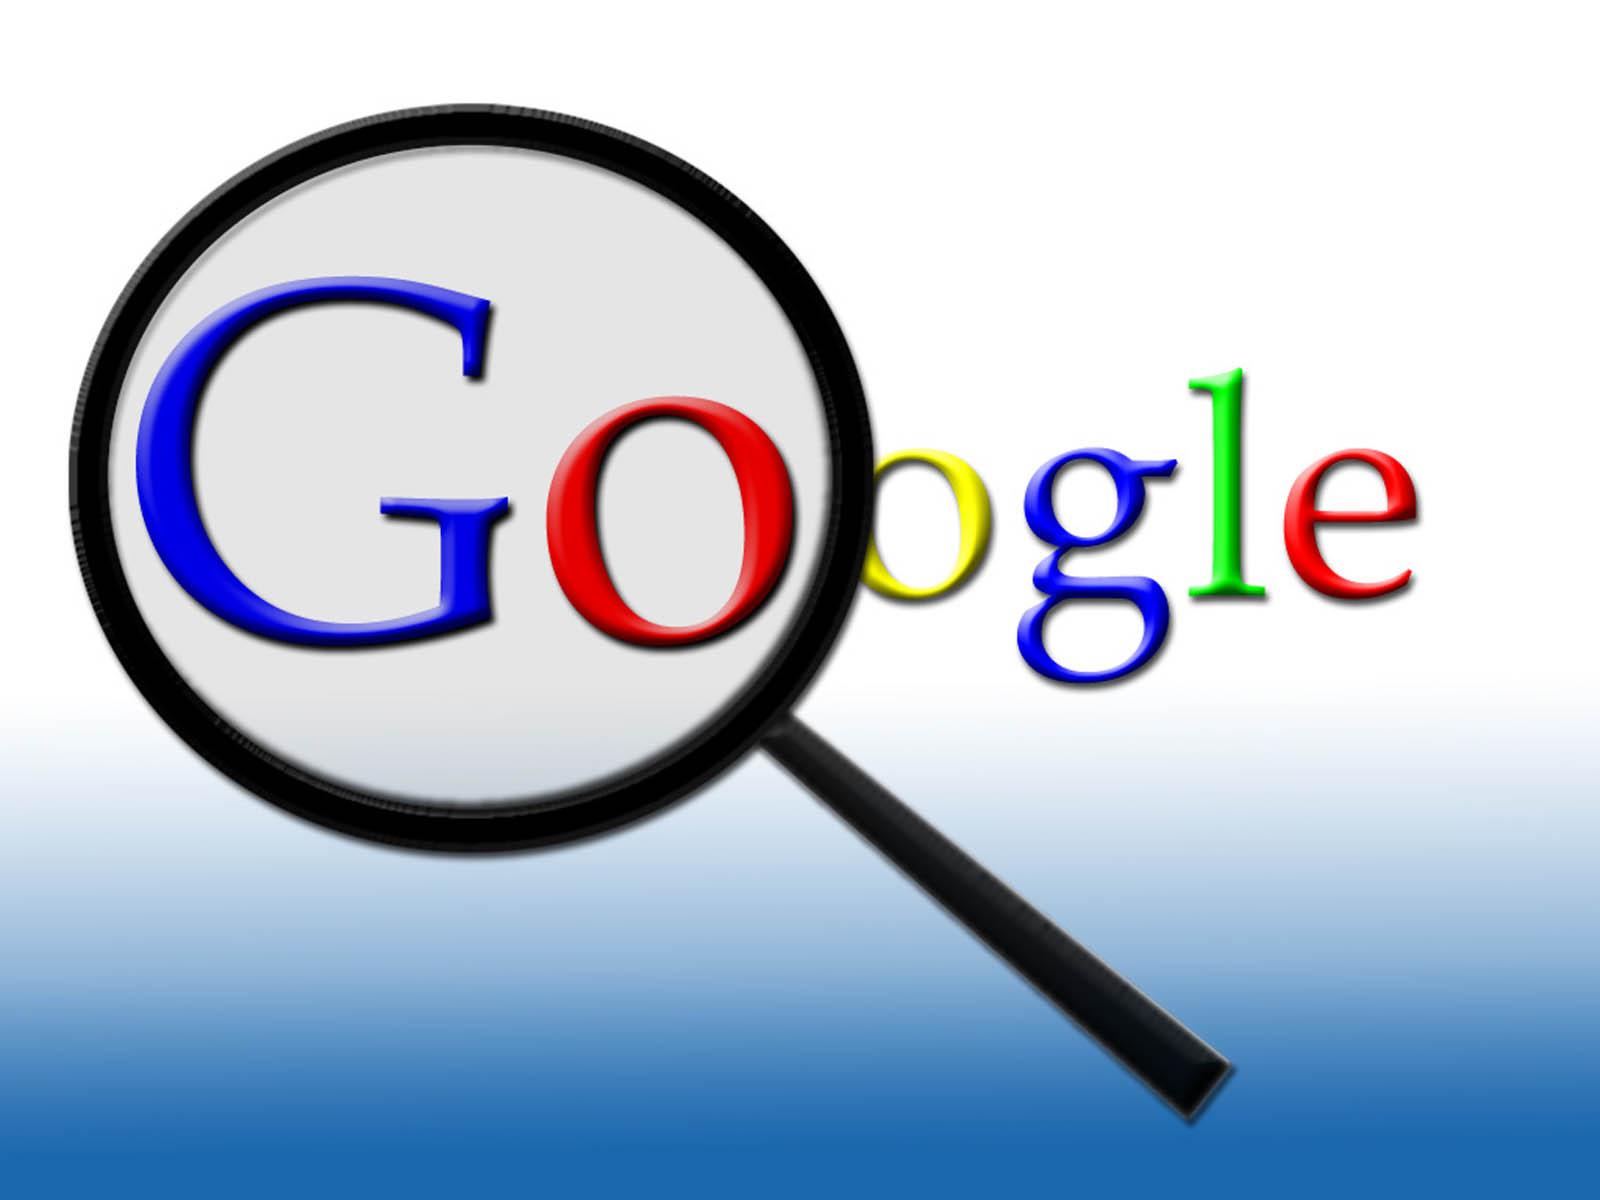 Гугл поисковик картинки, выздоровление английском